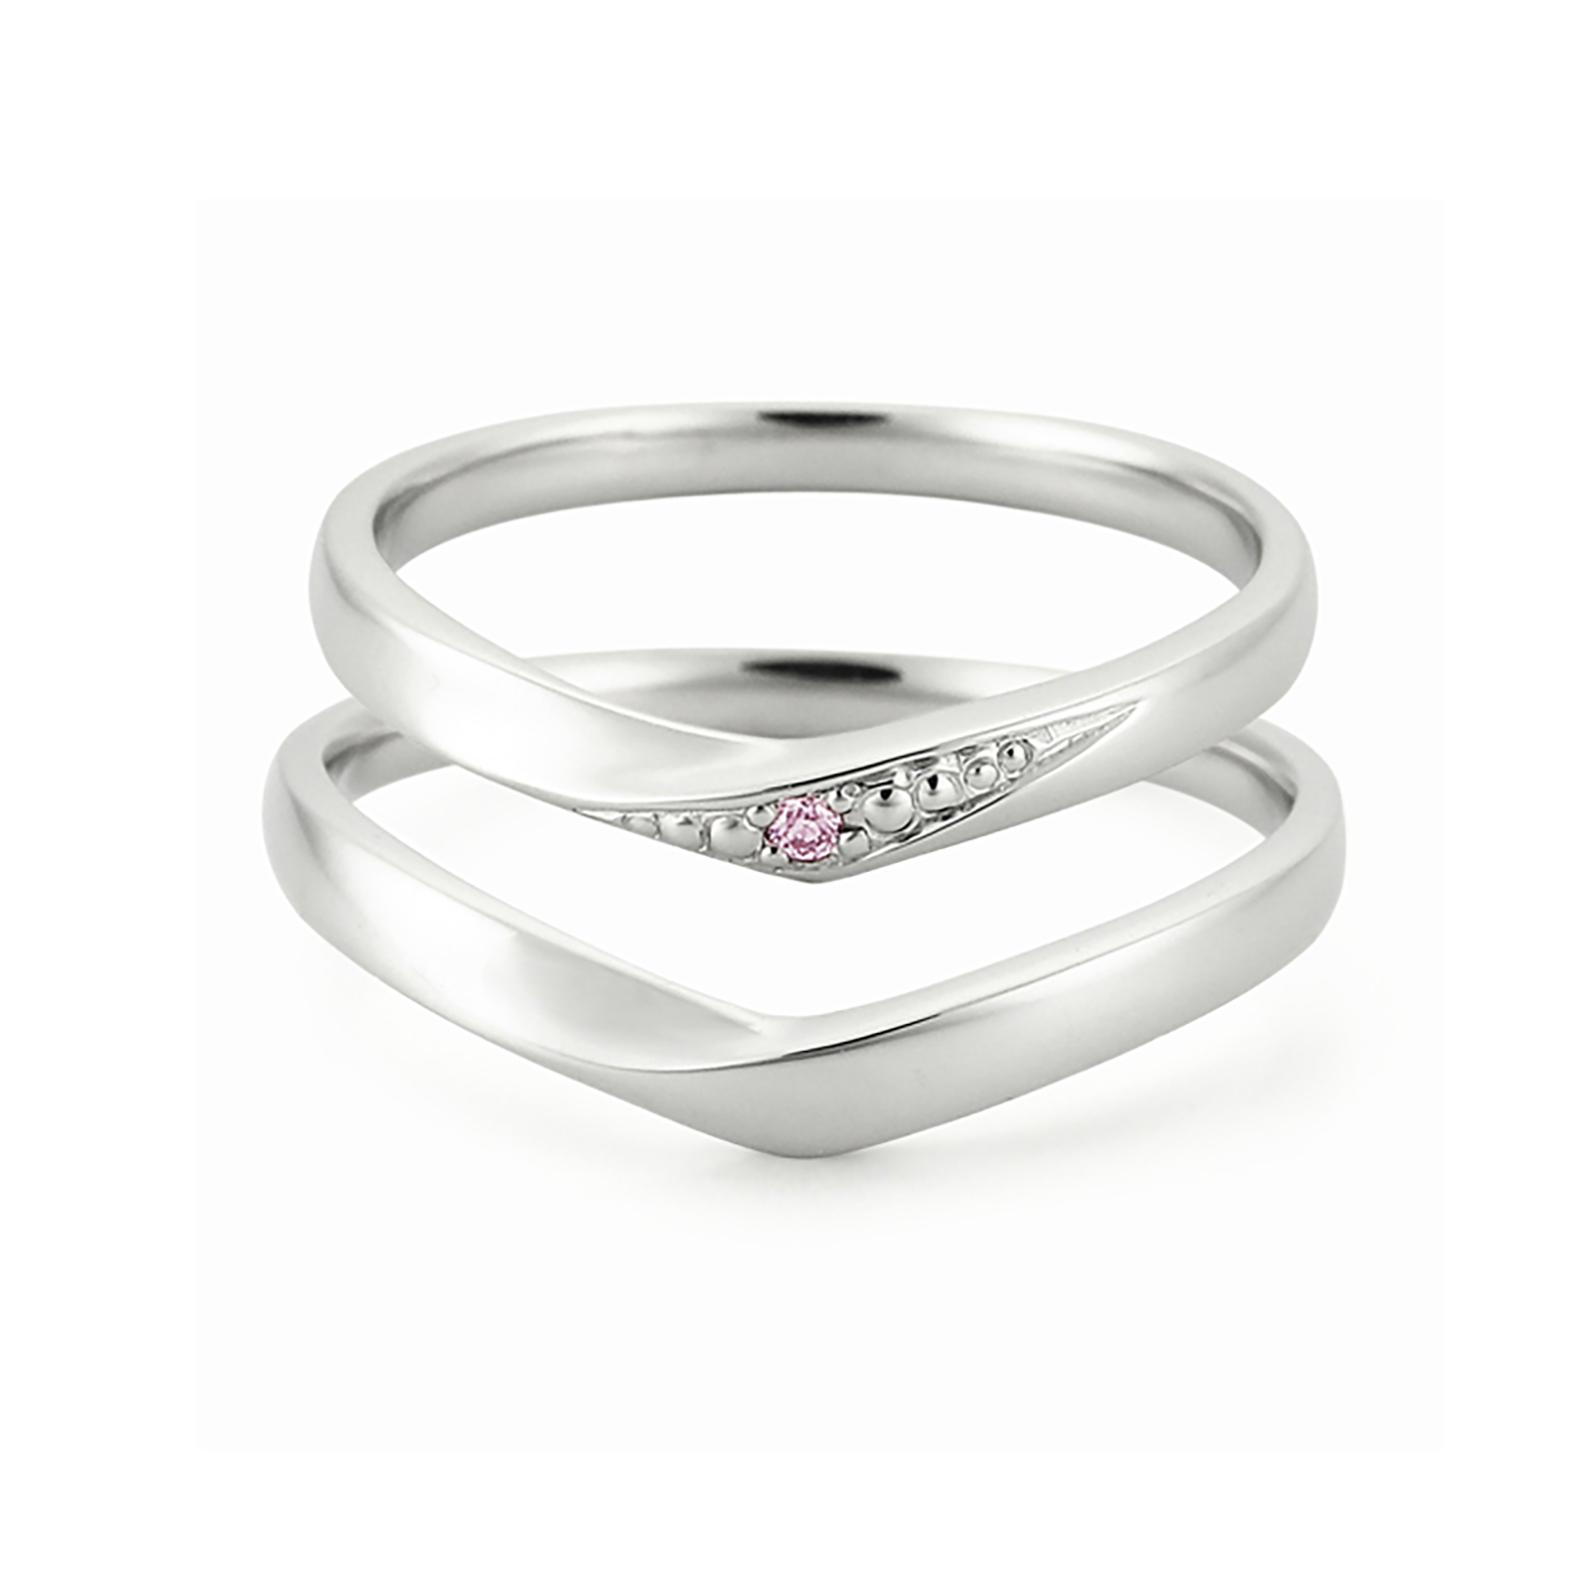 Pt585対応シリーズのリーズナブルな結婚指輪(マリッジリング)指をきれいに見せてくれるVラインに天然ピンクダイヤモンド1石が彫り留めされているのでキラキラ感UP